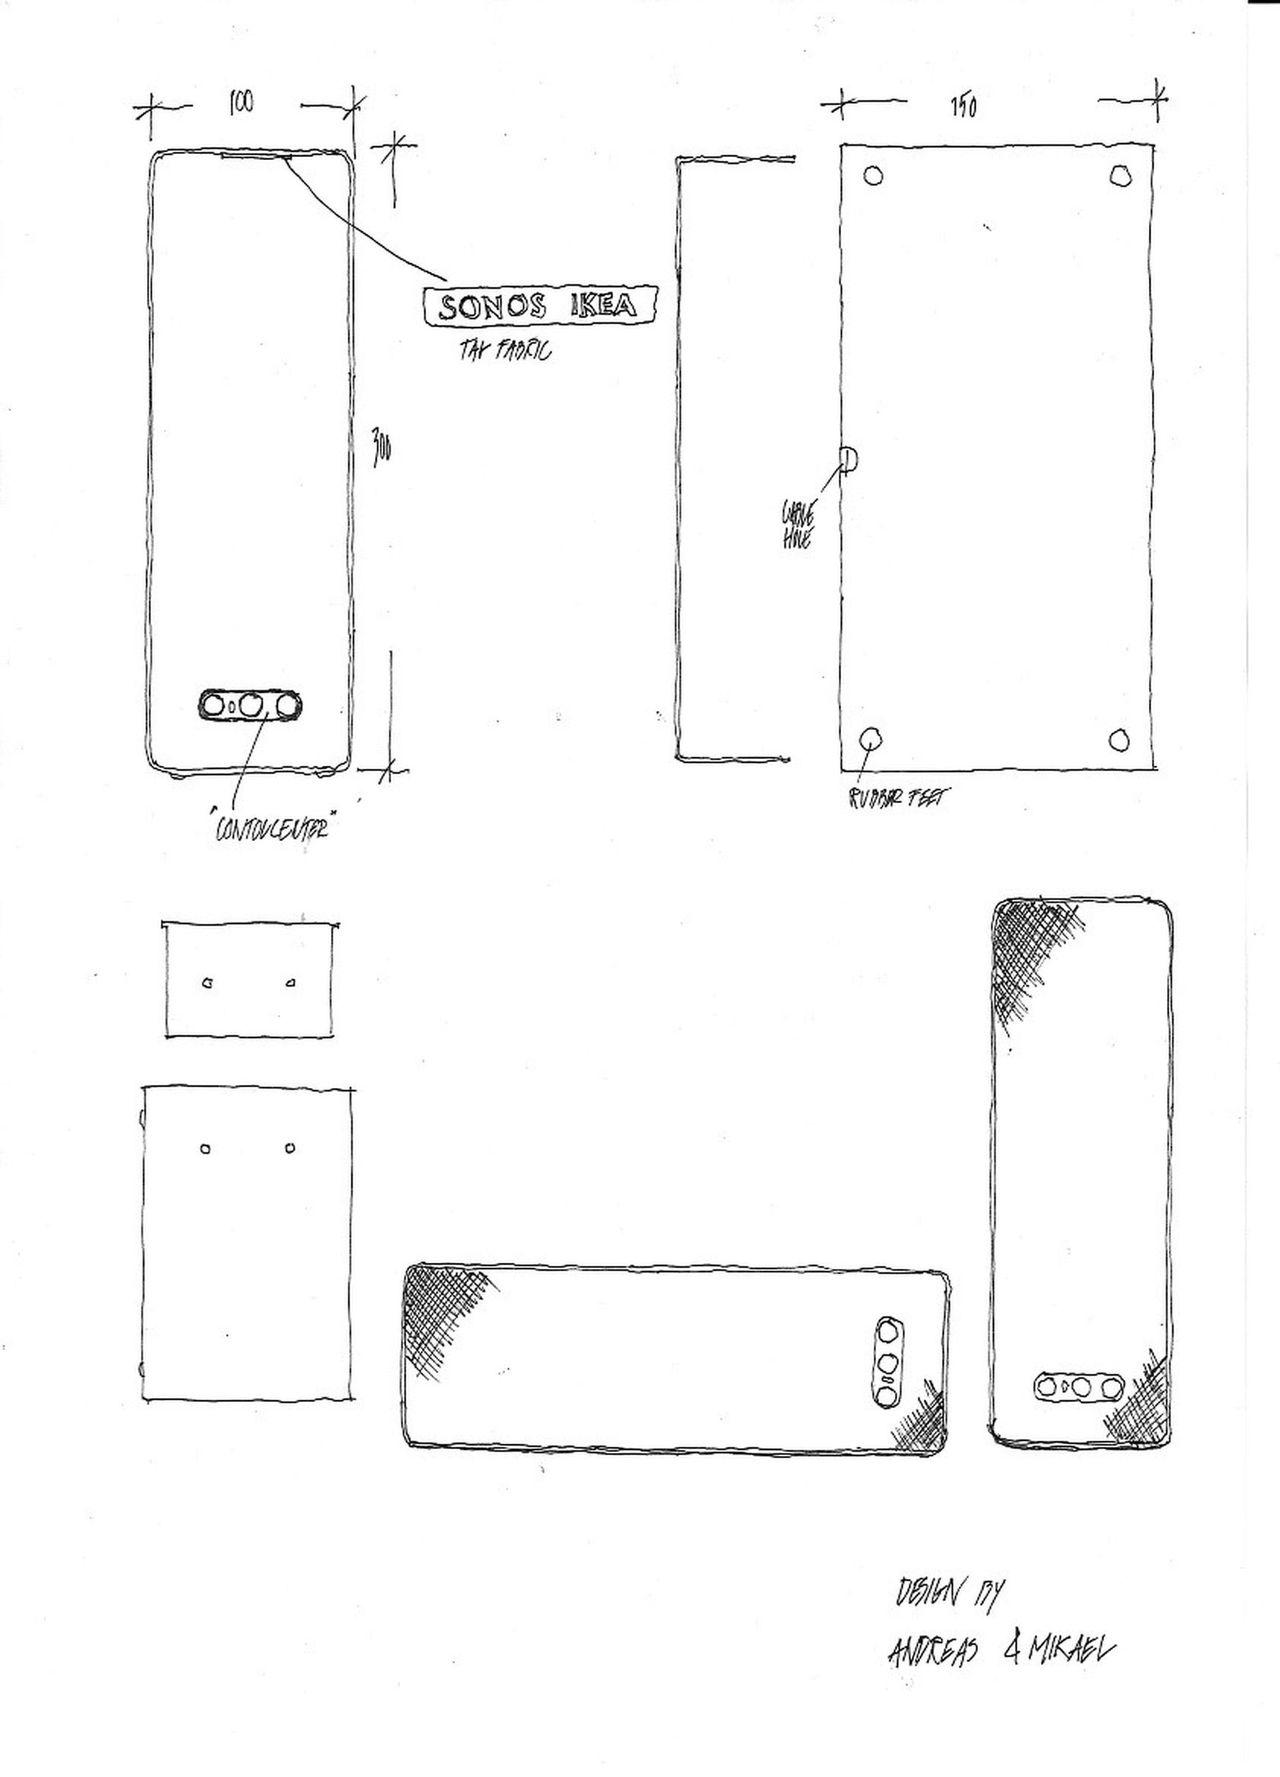 Sonos och IKEA visar upp skisser